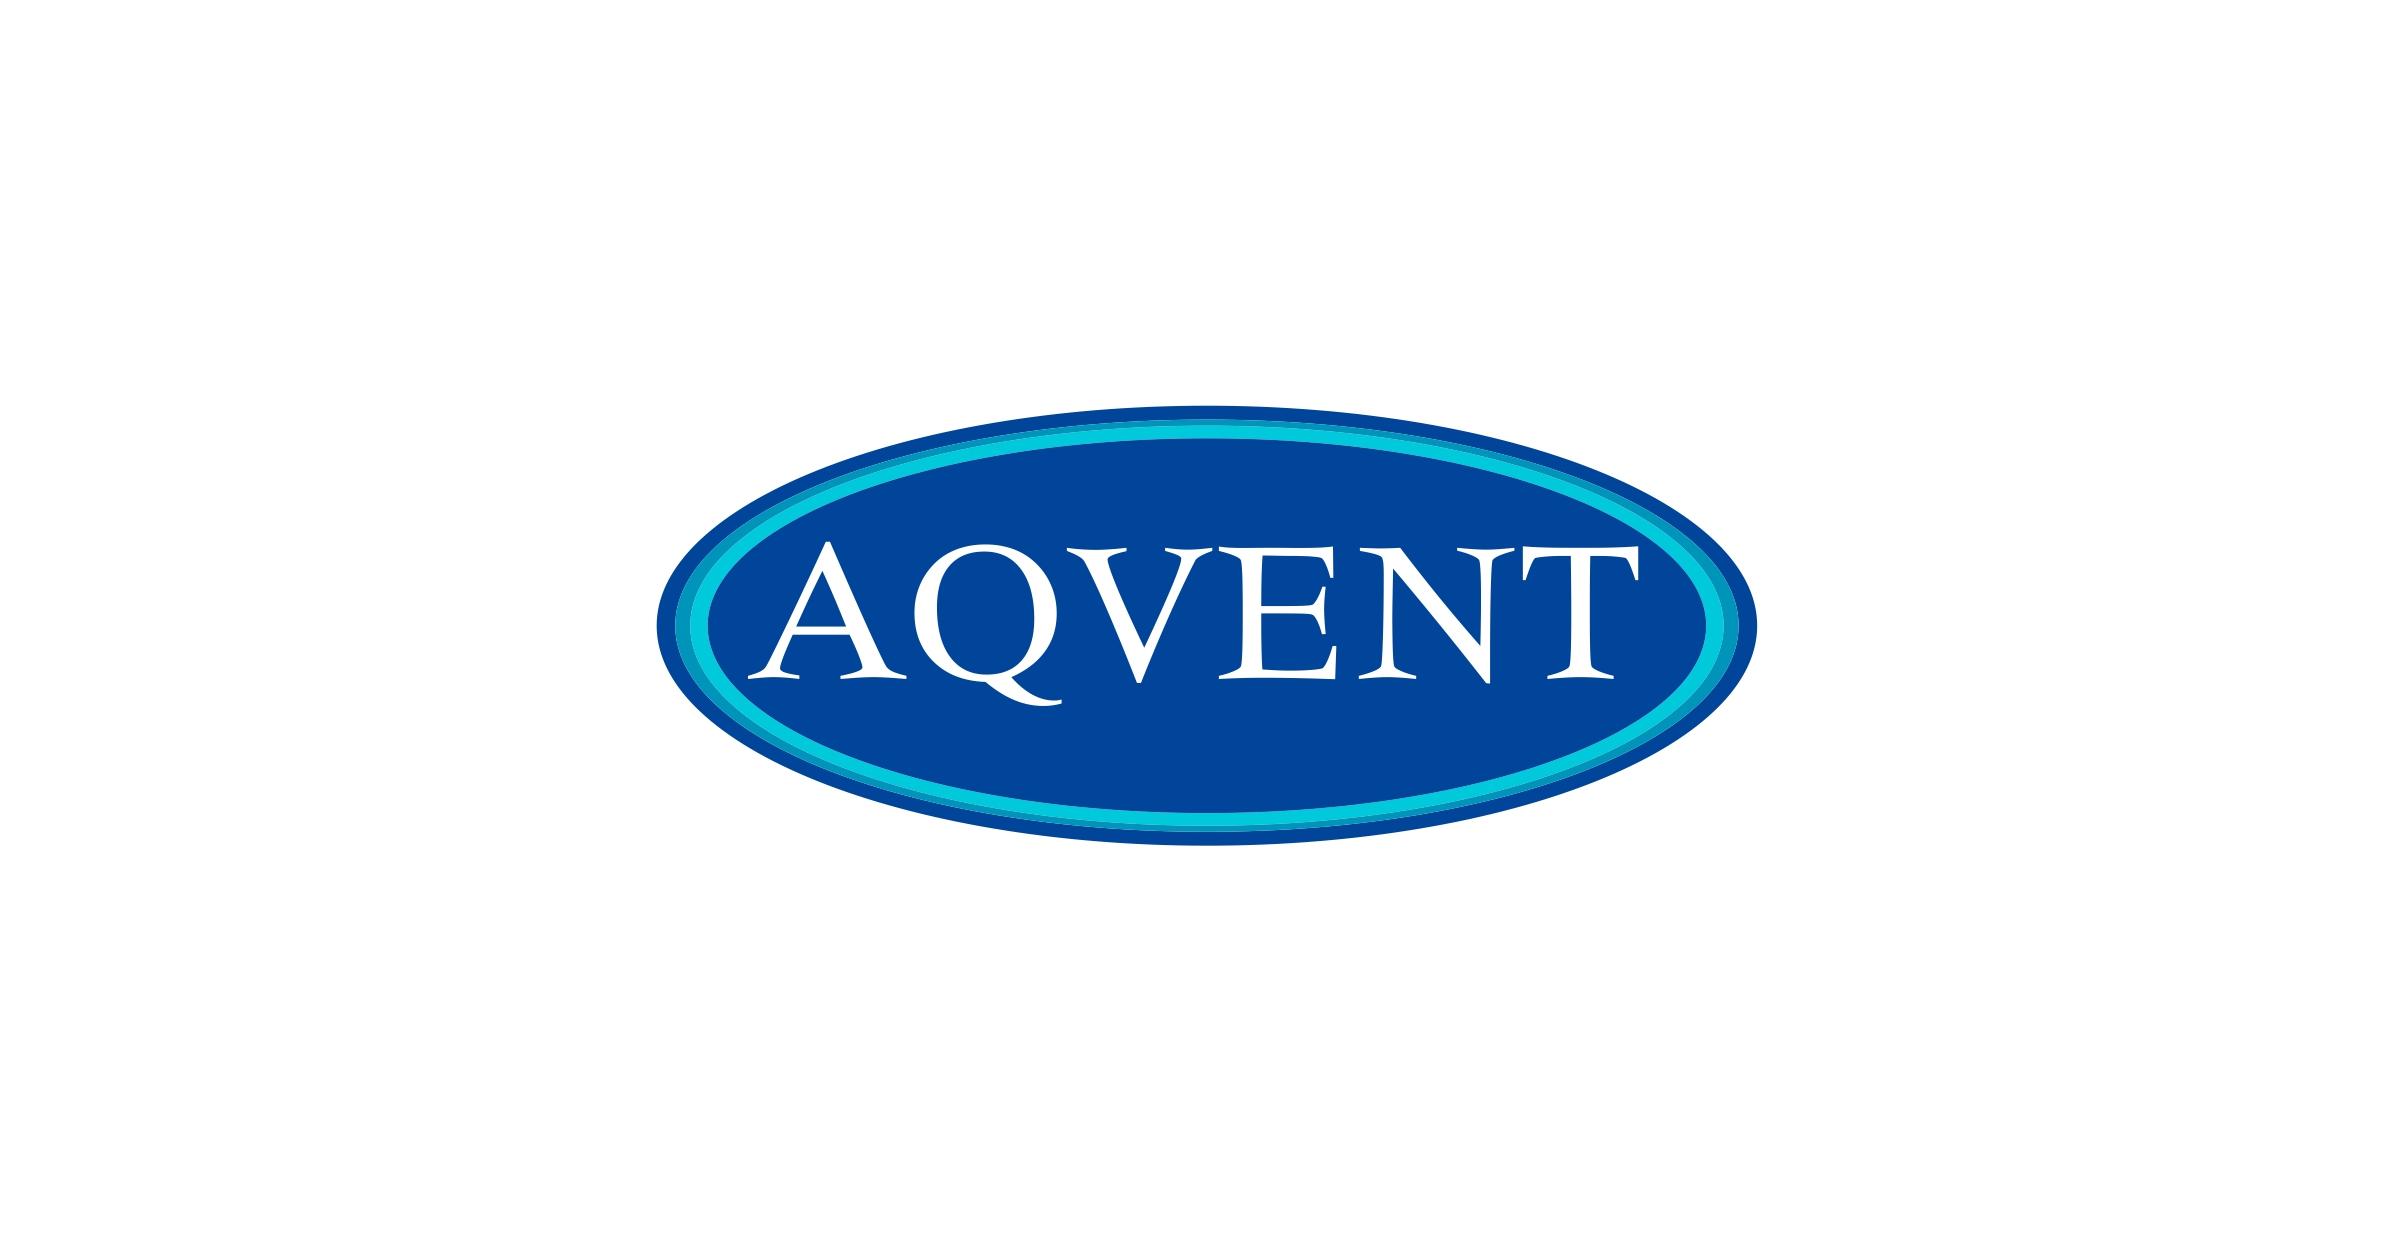 Логотип AQVENT фото f_376527dfd348c5a2.jpg